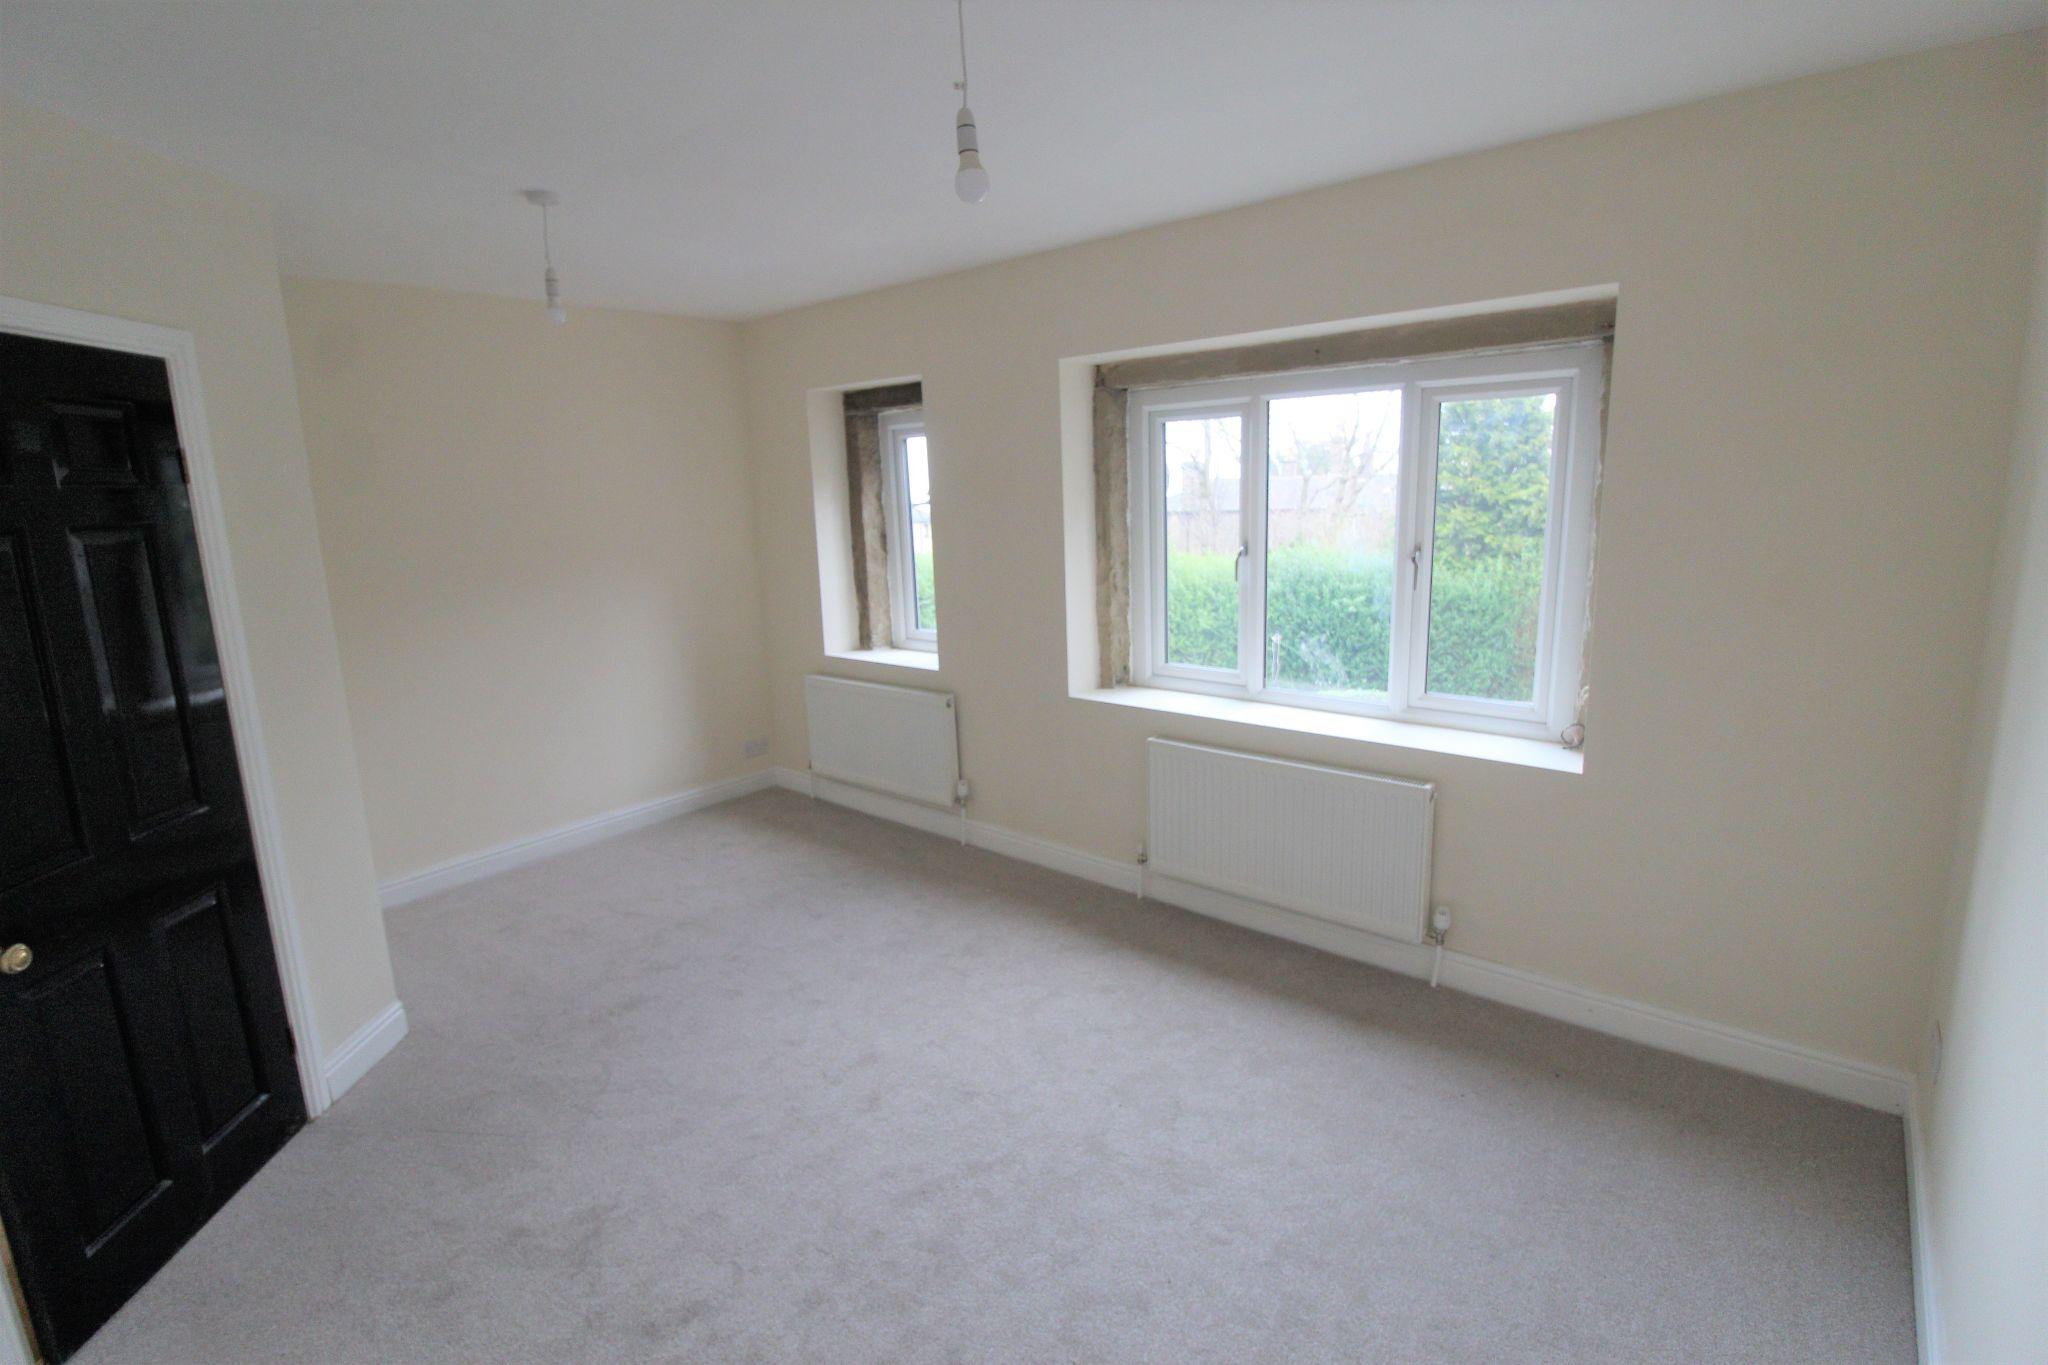 1 bedroom cottage house Let in Bradford - Bedroom